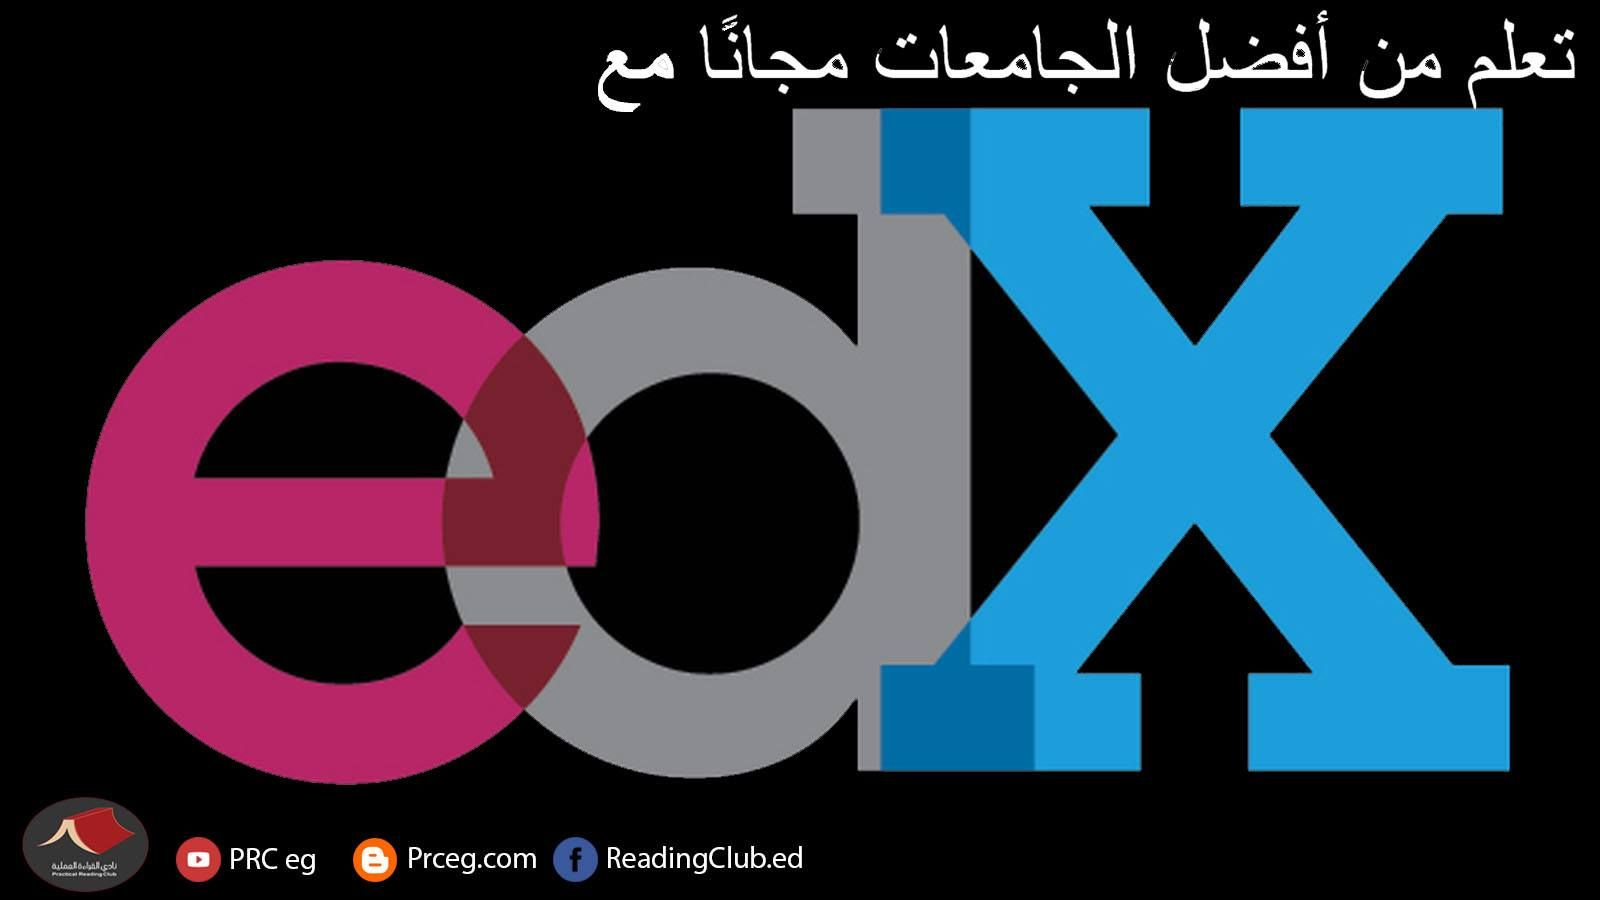 شرح موقع Edx كورسات اون لاين مجانية من أفضل جامعات العالم Free Online Courses Online Learning Online Courses